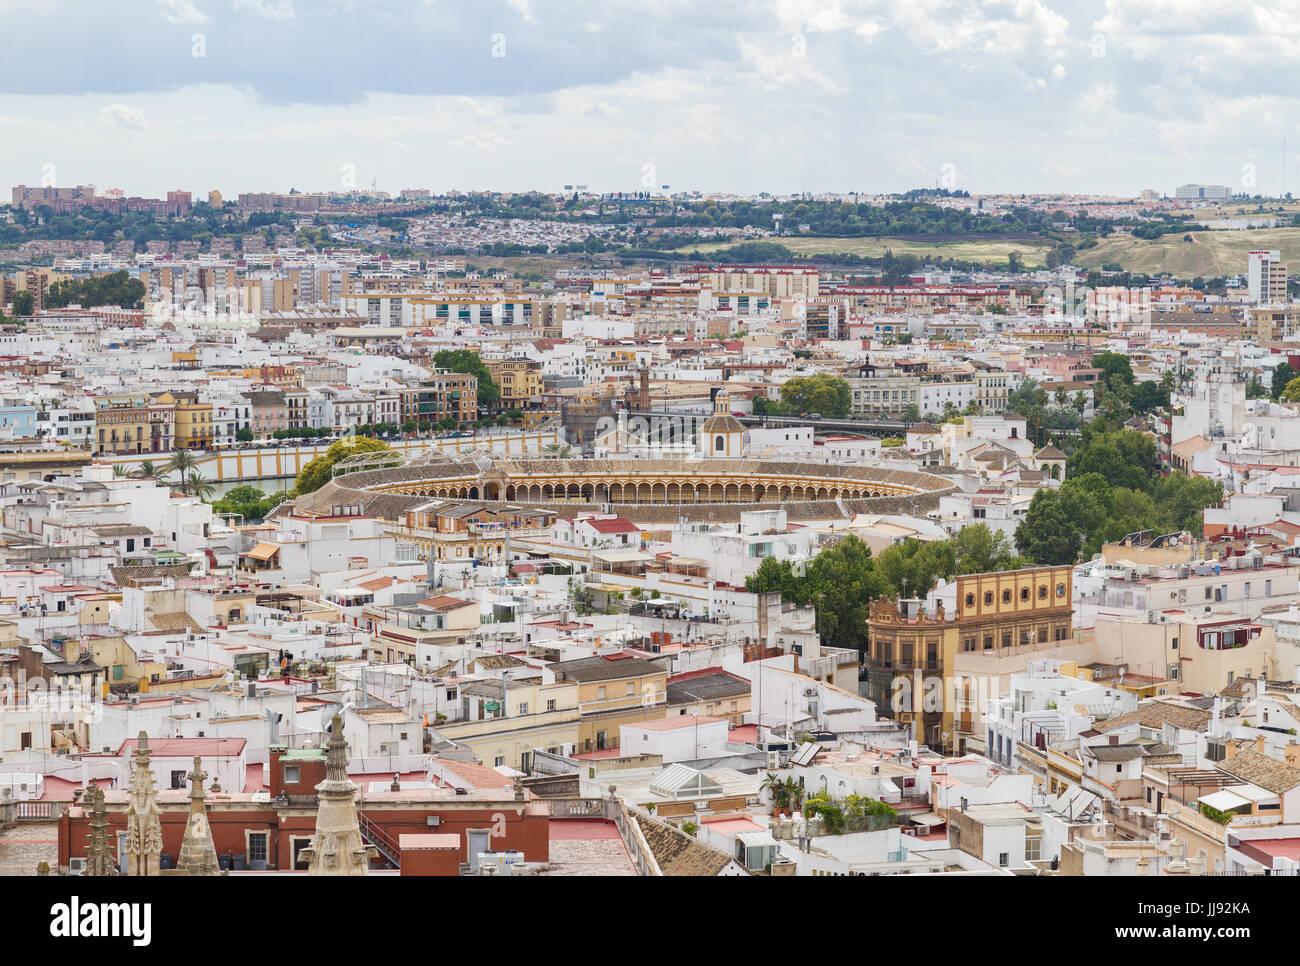 Aerial view of Seville with a focus on Seville's bullring, Plaza de toros de la Real Maestranza de Caballería. - Stock Image